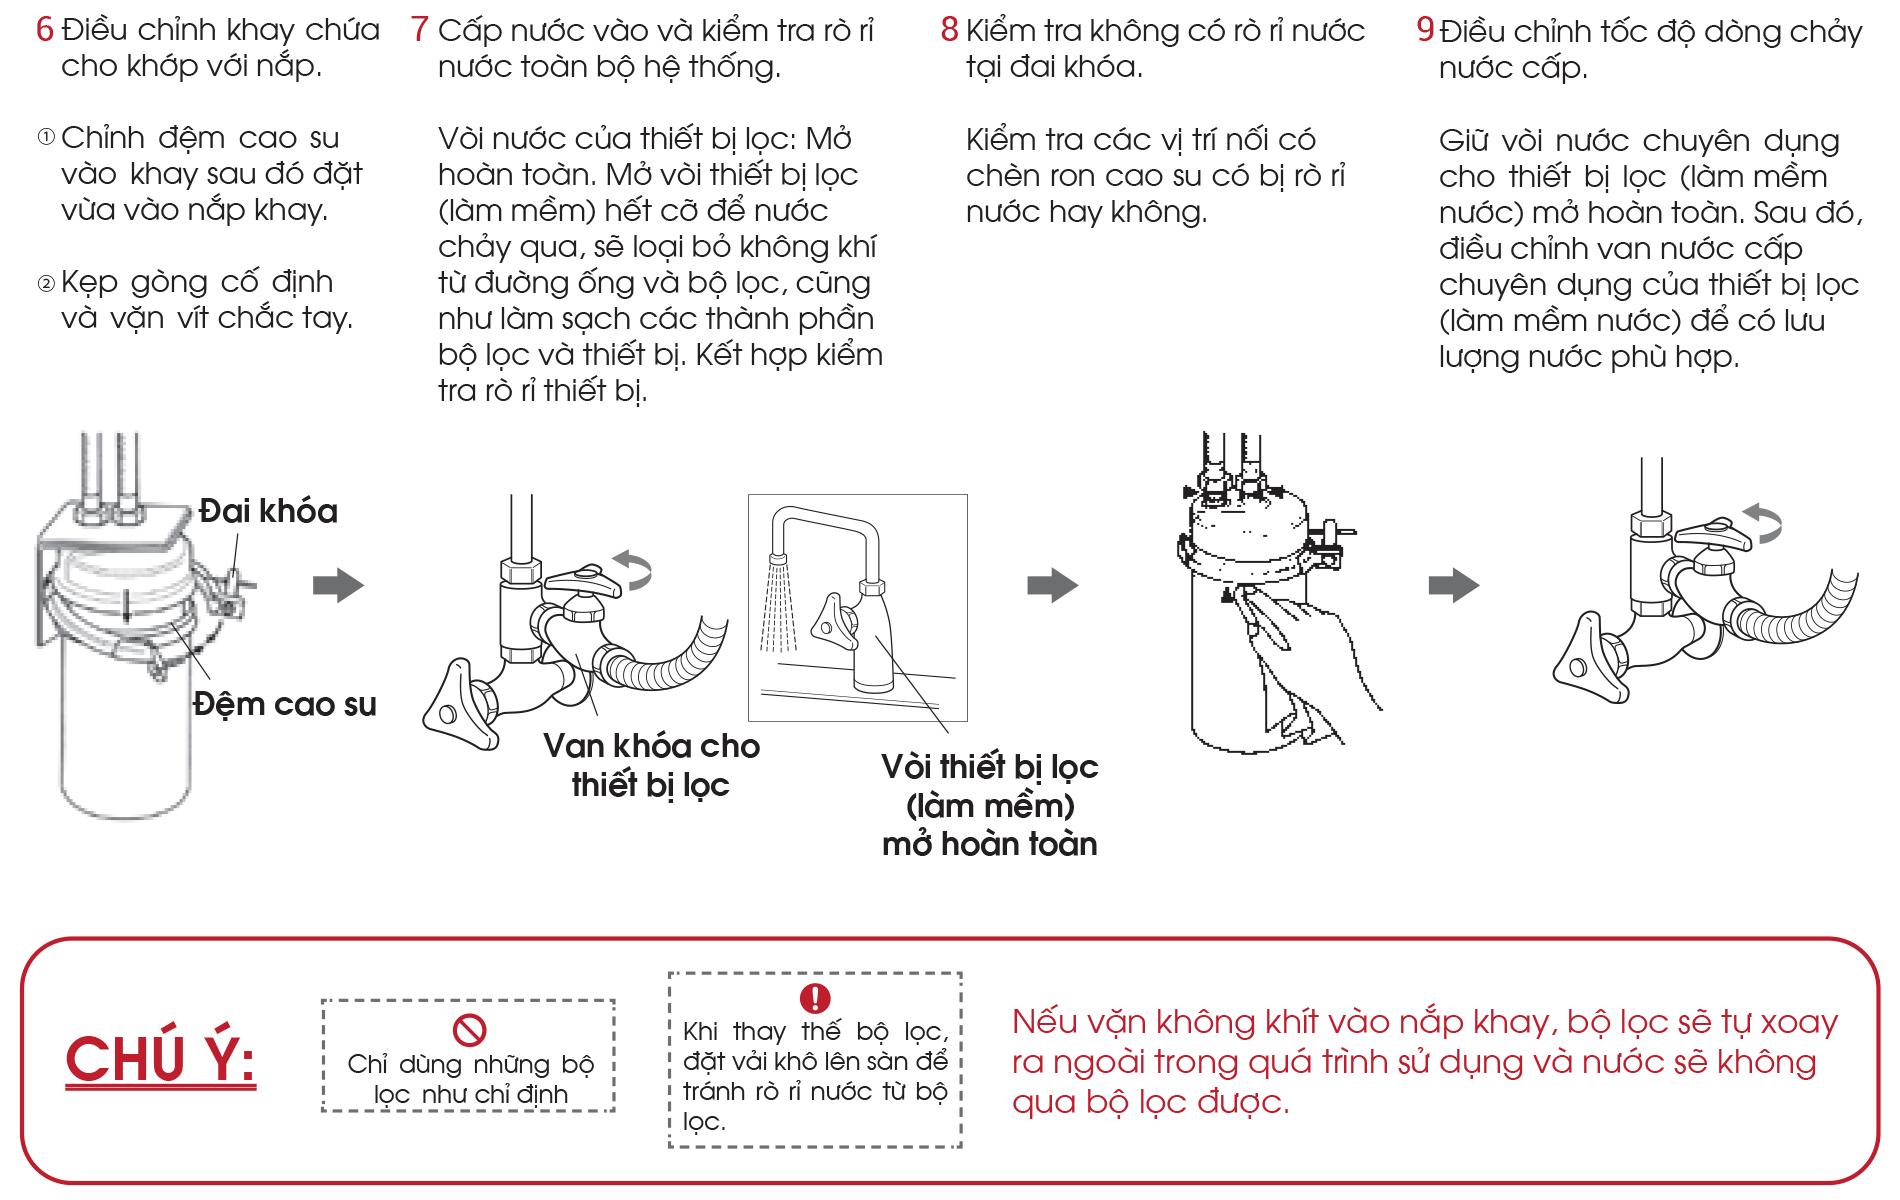 Hướng dẫn thay bộ lọc cho thiết bị